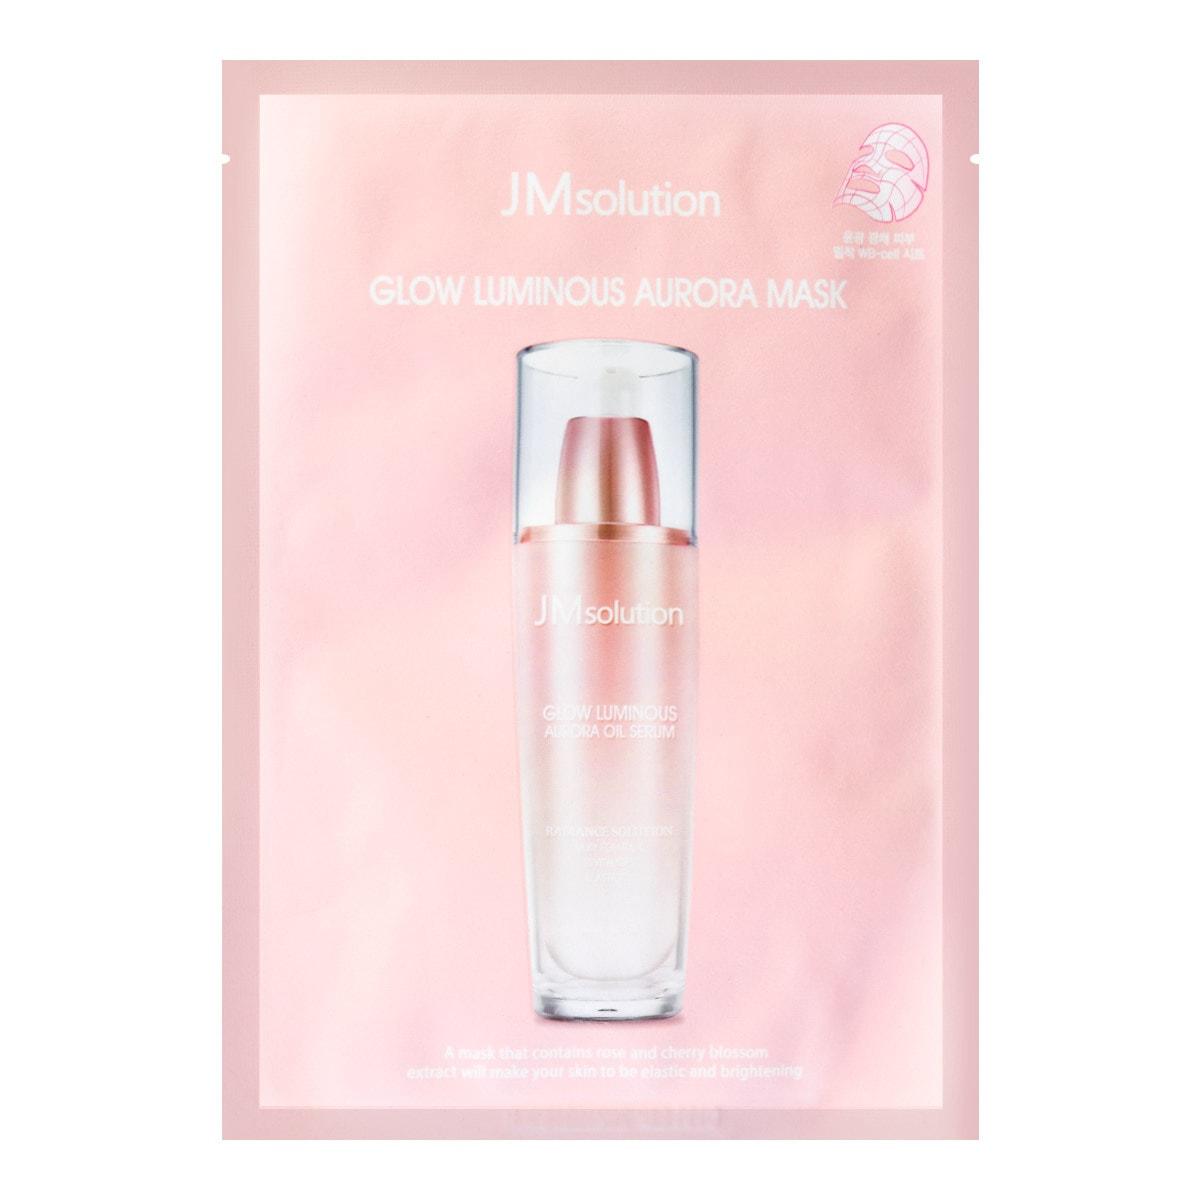 韩国JM SOLUTION 樱花保湿提亮肤色玻尿酸水光面膜 单片入